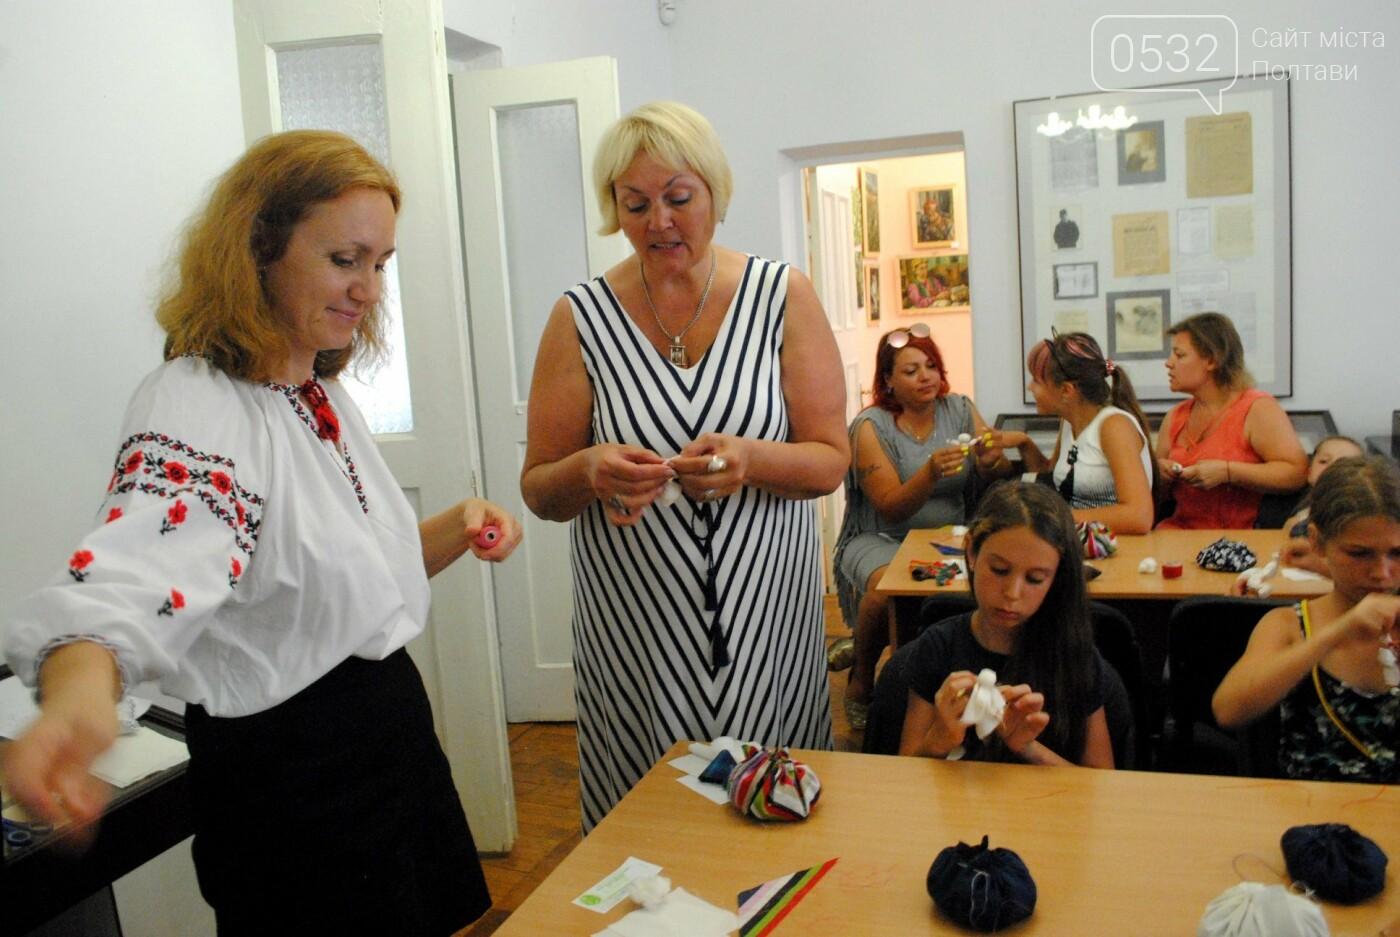 Як відзначають Міжнародний день музеїв у Полтаві: полтавка про роботу в музеї В.Г. Короленка , фото-14